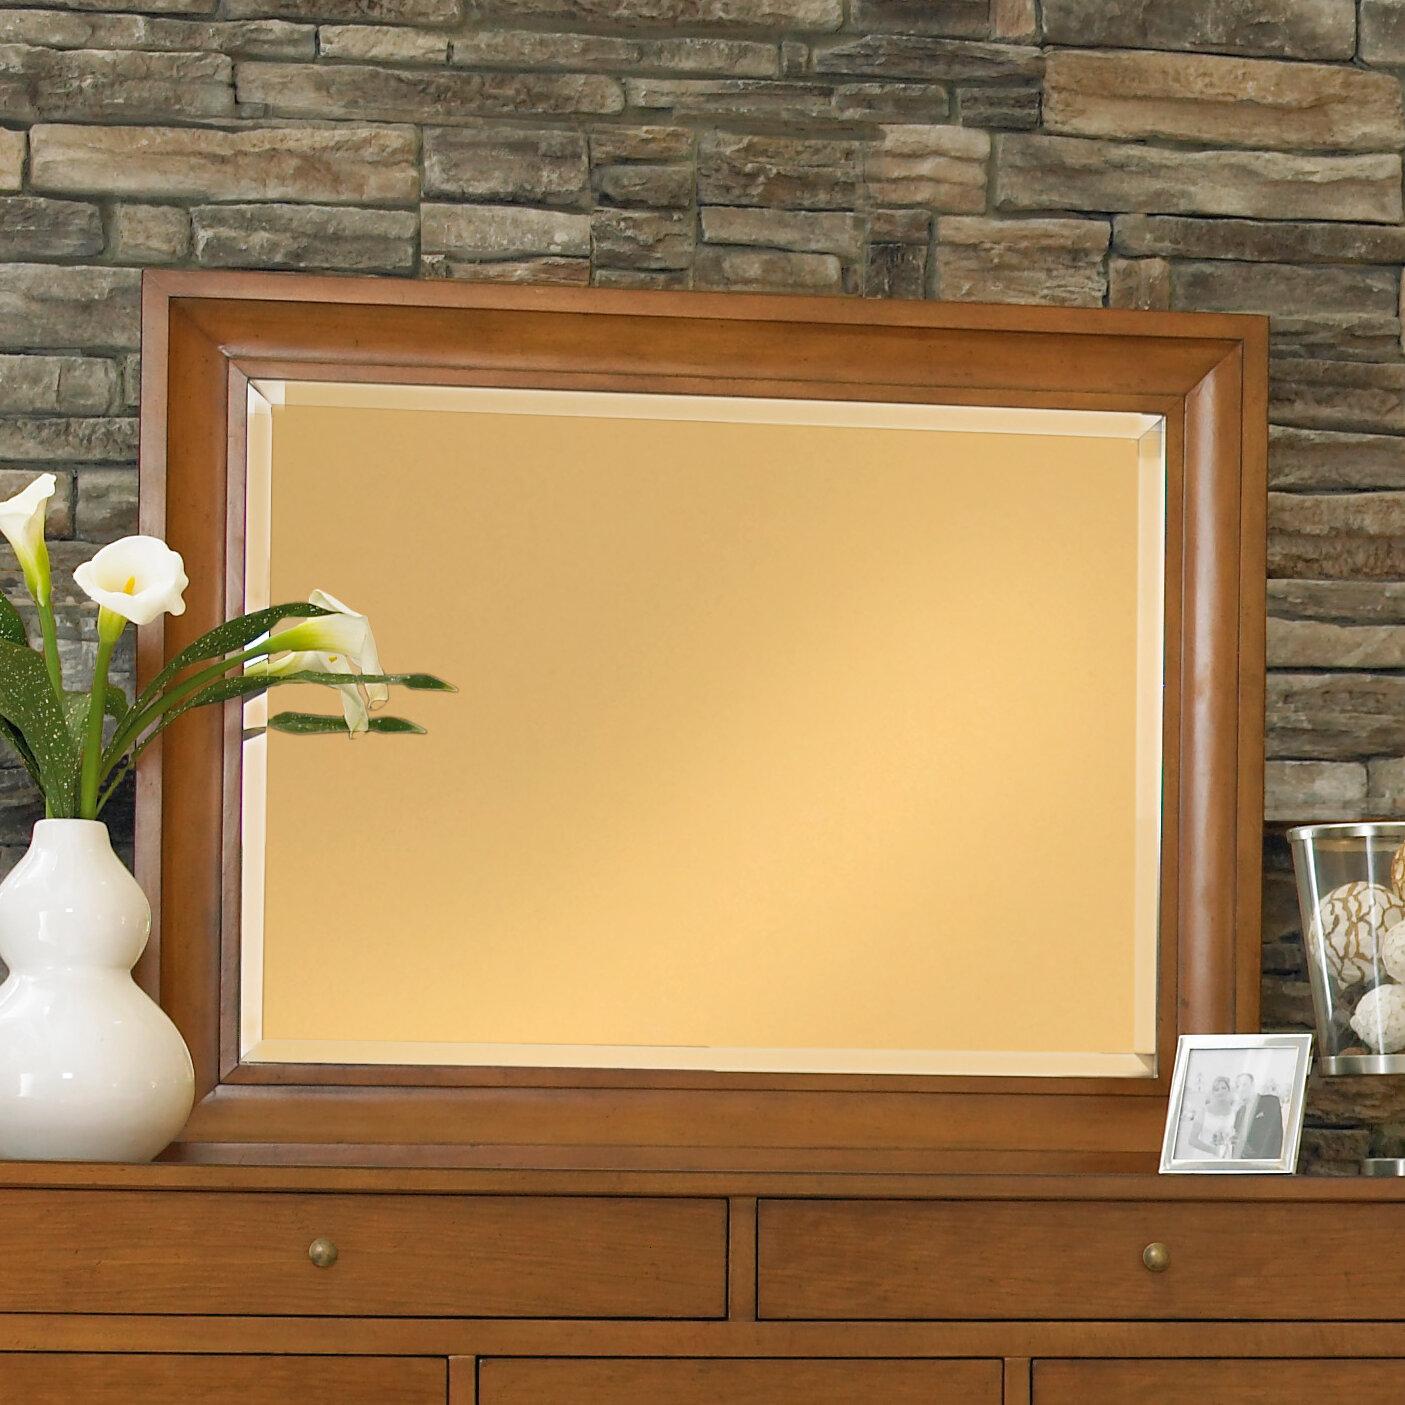 Hooker Furniture Abbott Place Rectangular Dresser Mirror | Wayfair